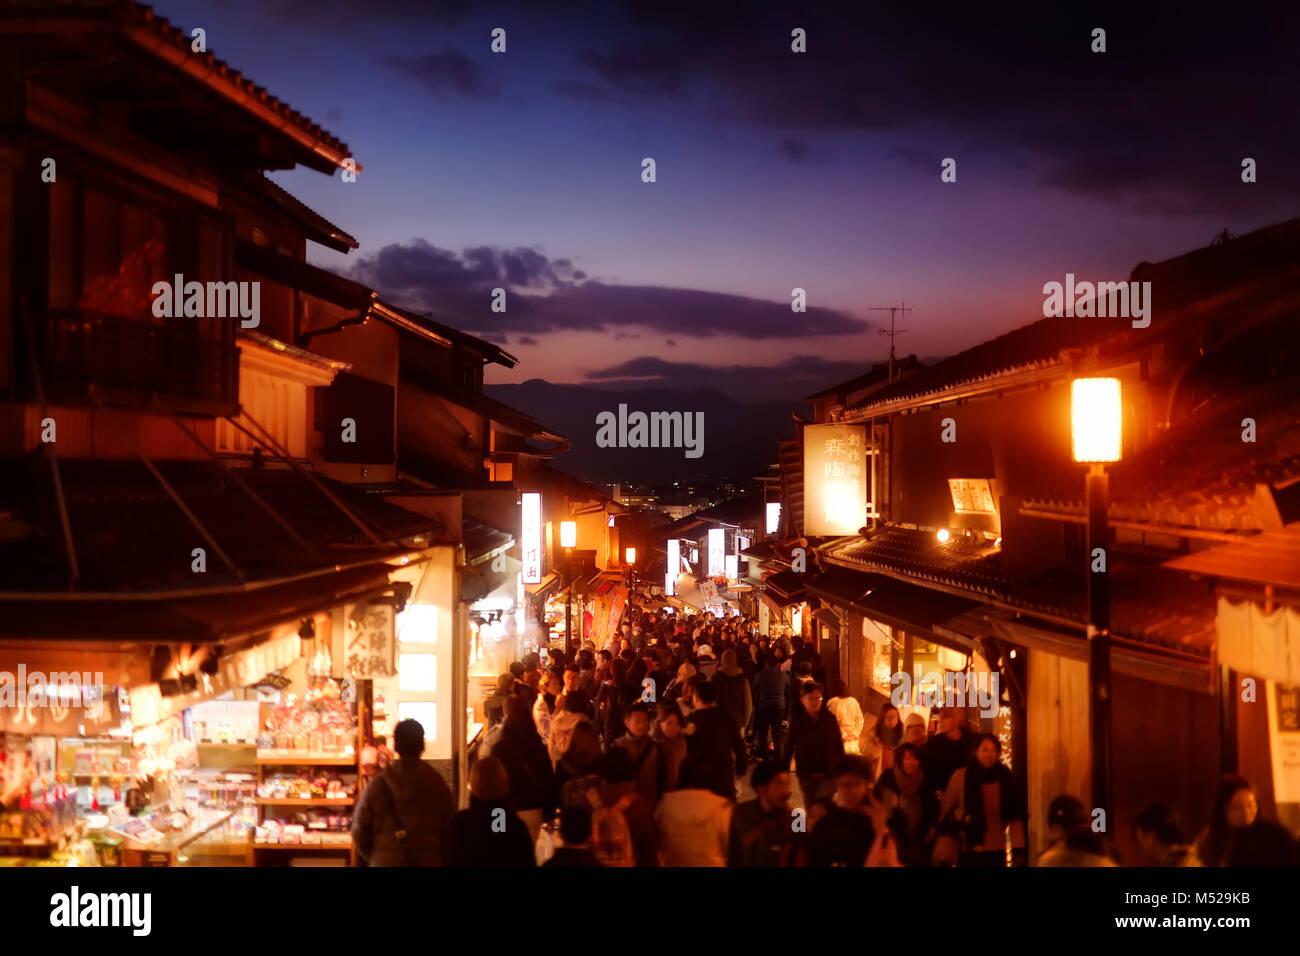 Twilight vecchia Kyoto paesaggio urbano a Matsubara dori street in autunno con luminose negozi e le luci di strada Immagini Stock